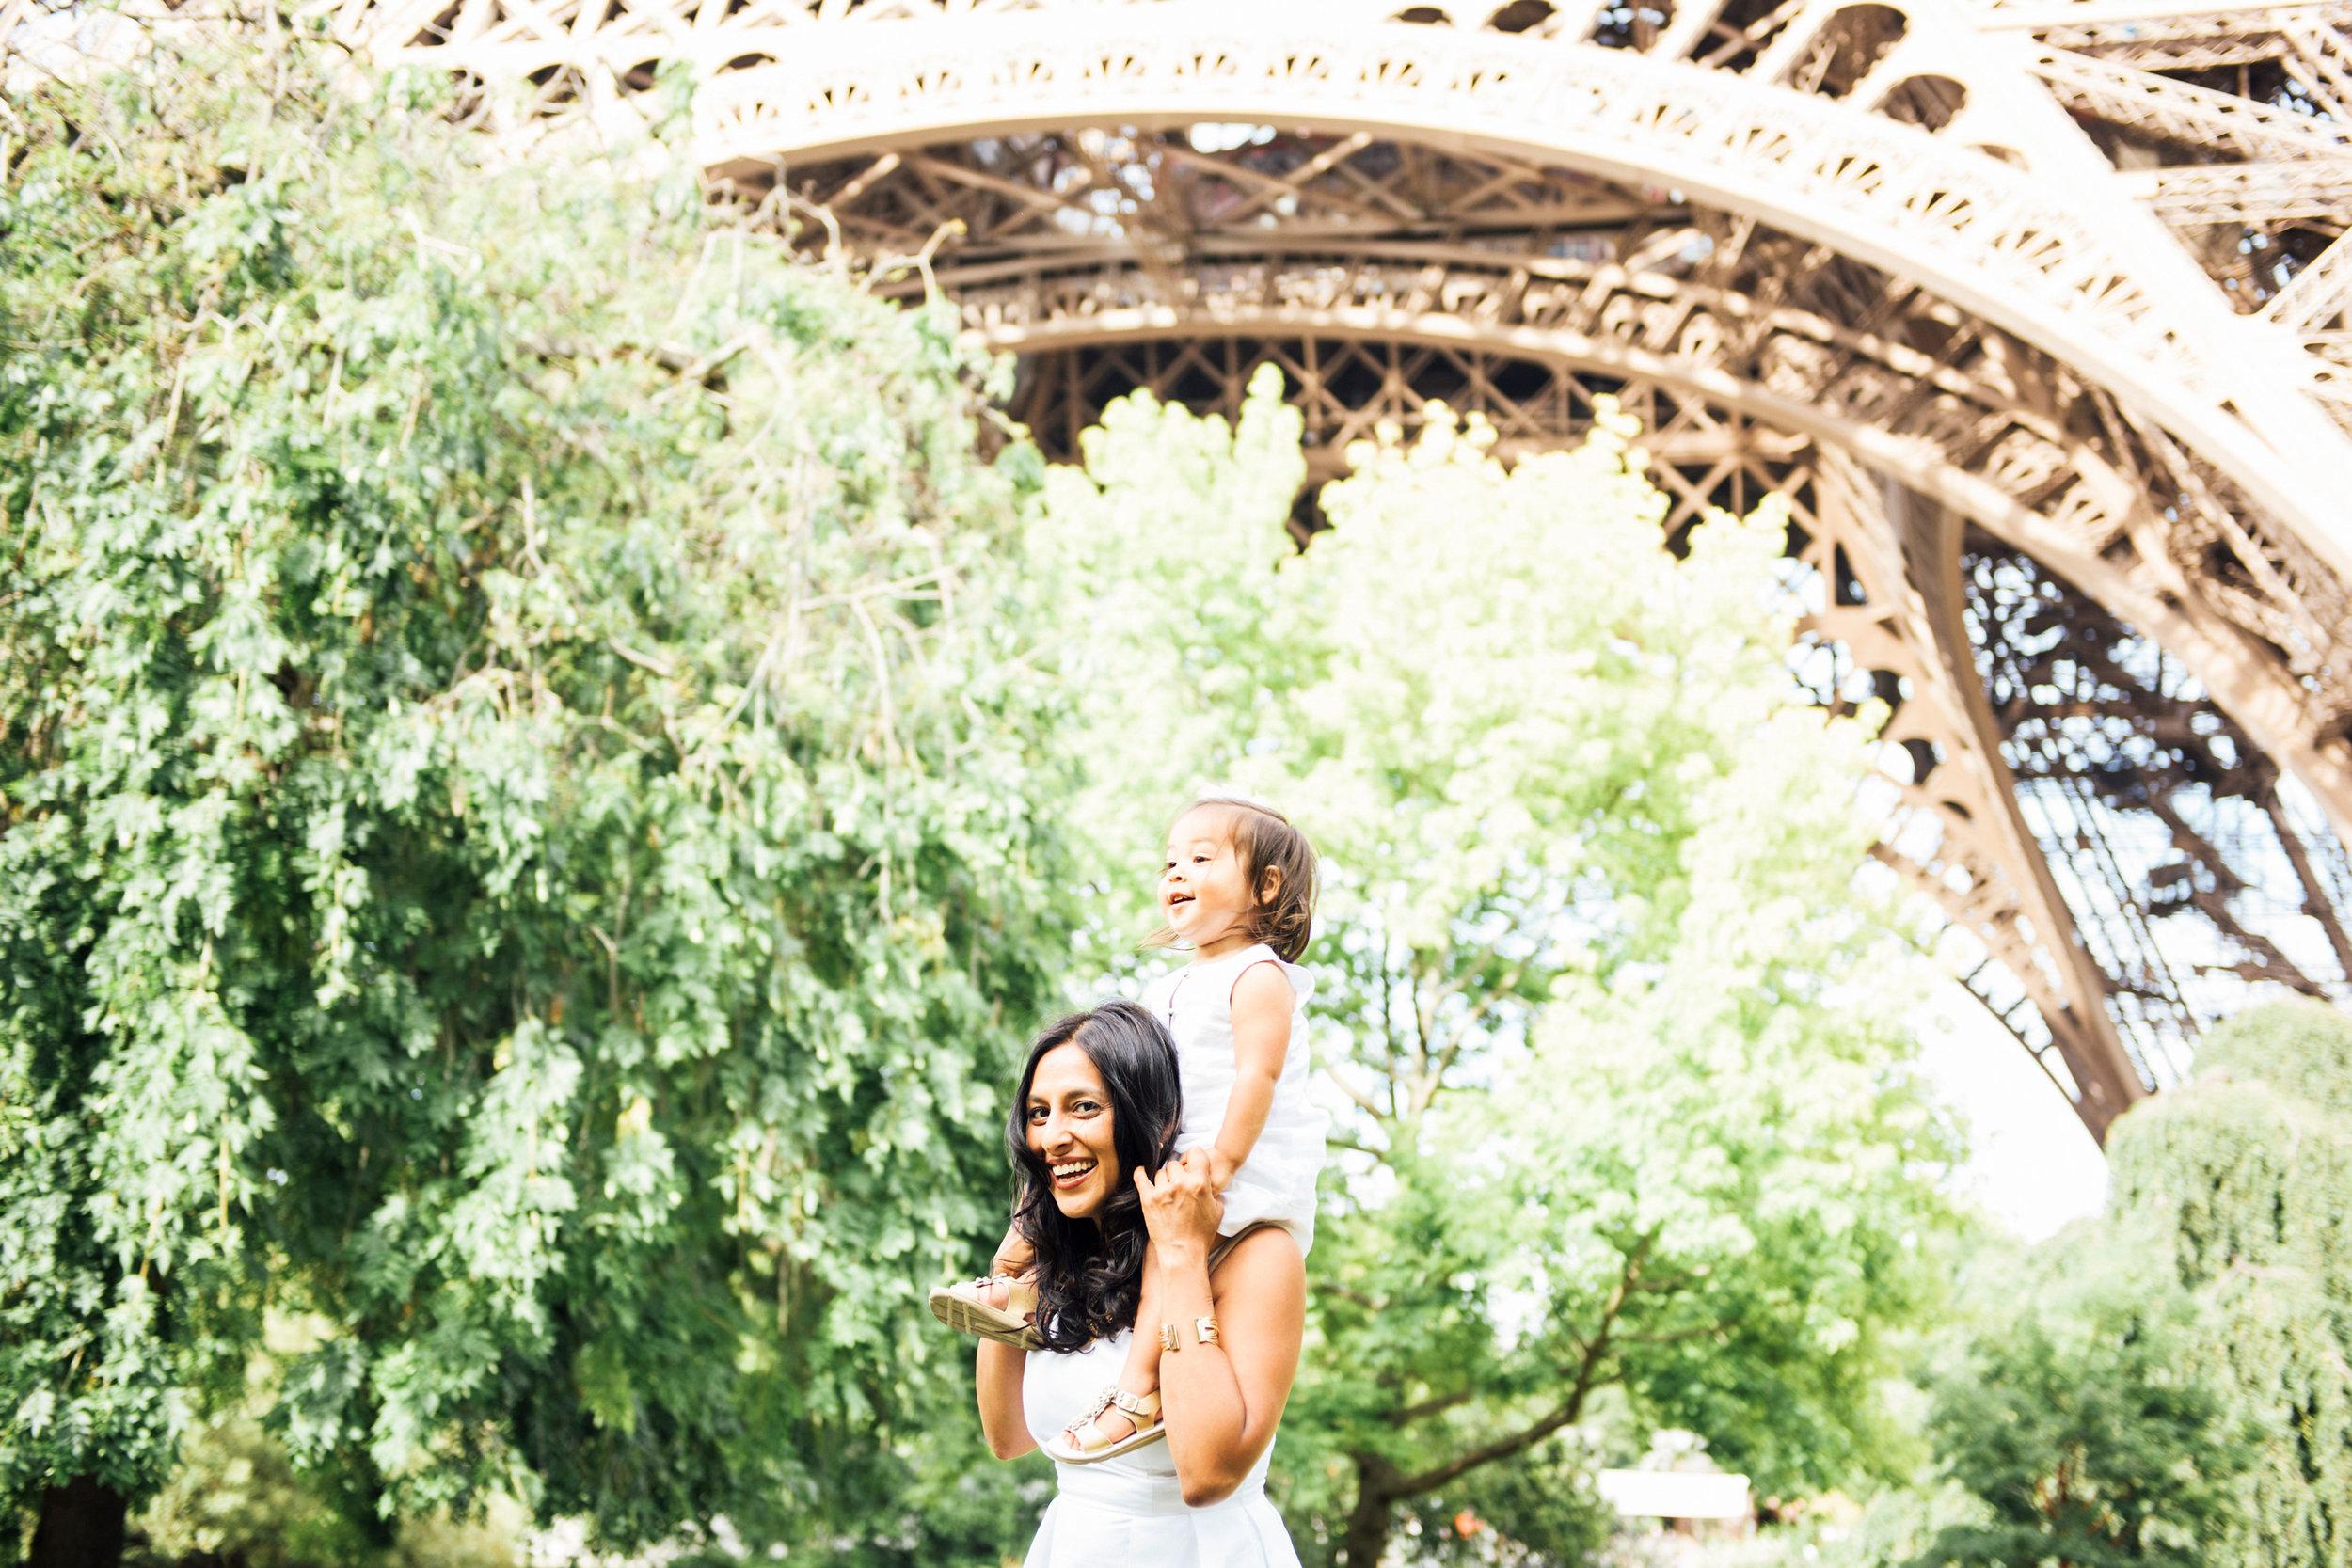 Katie_Mitchell_Paris_France_Family_Portrait_Photographer_14.jpg